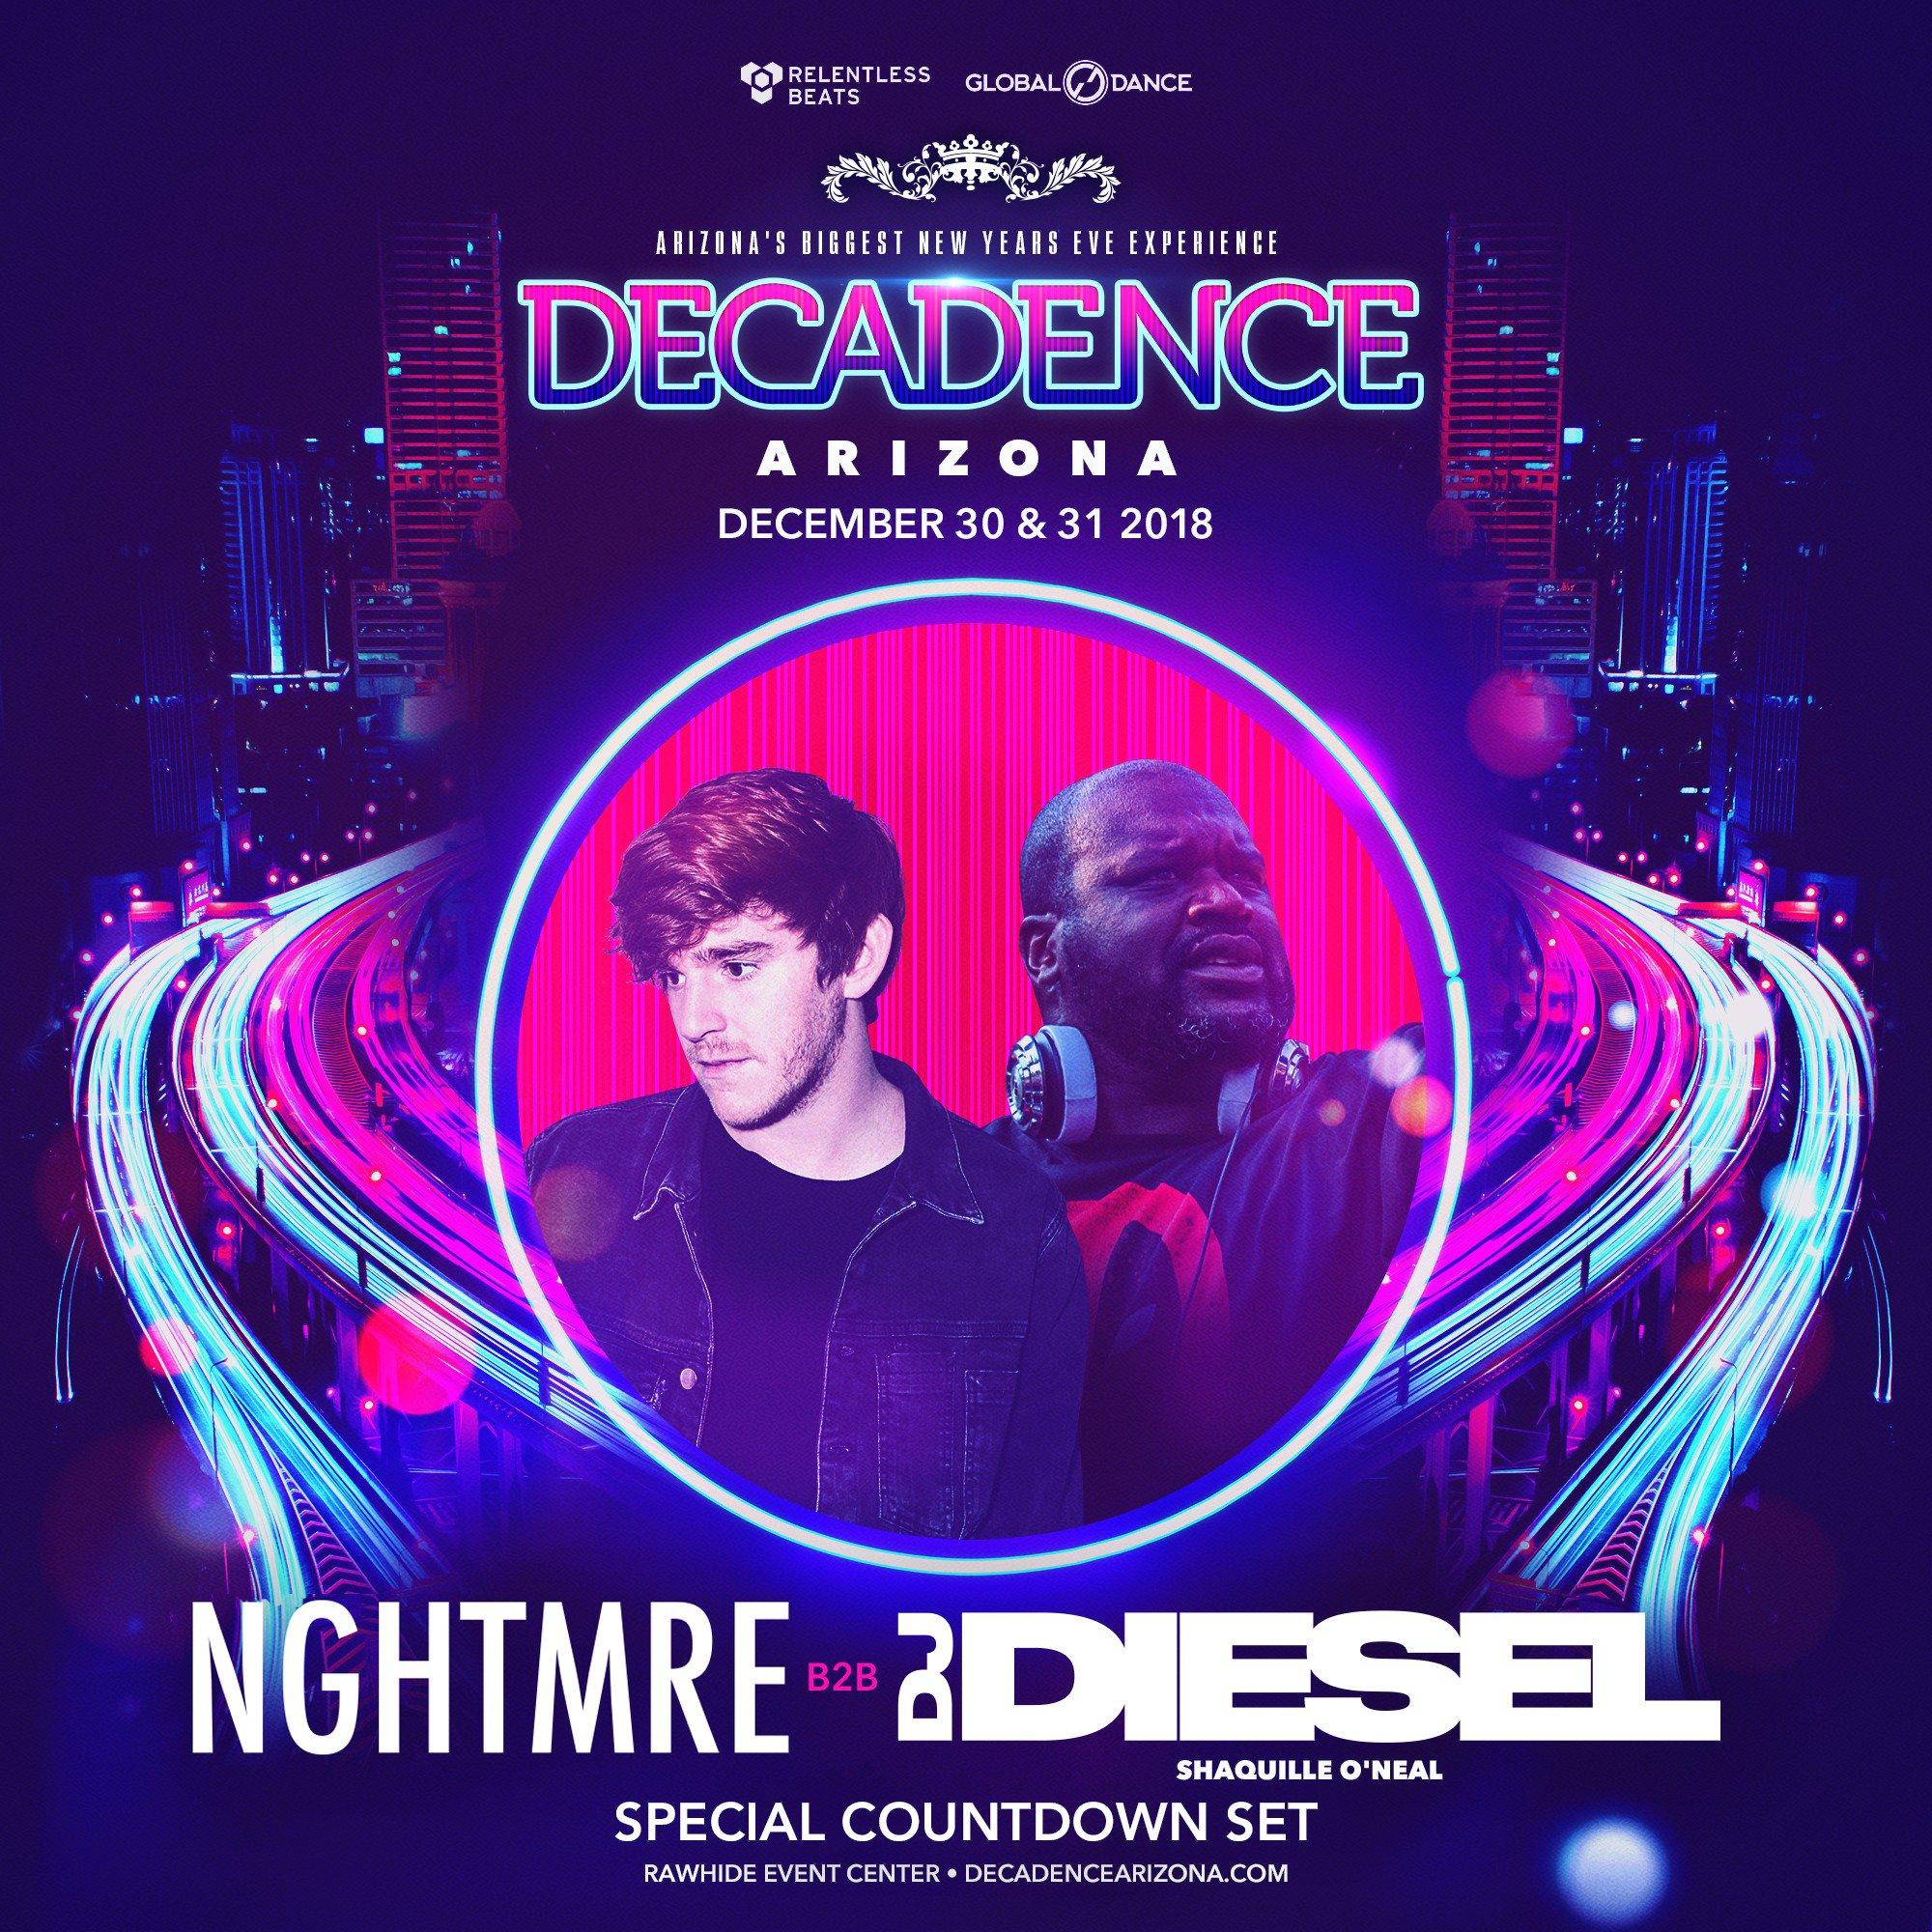 NGHTMRE & DJ Diesel